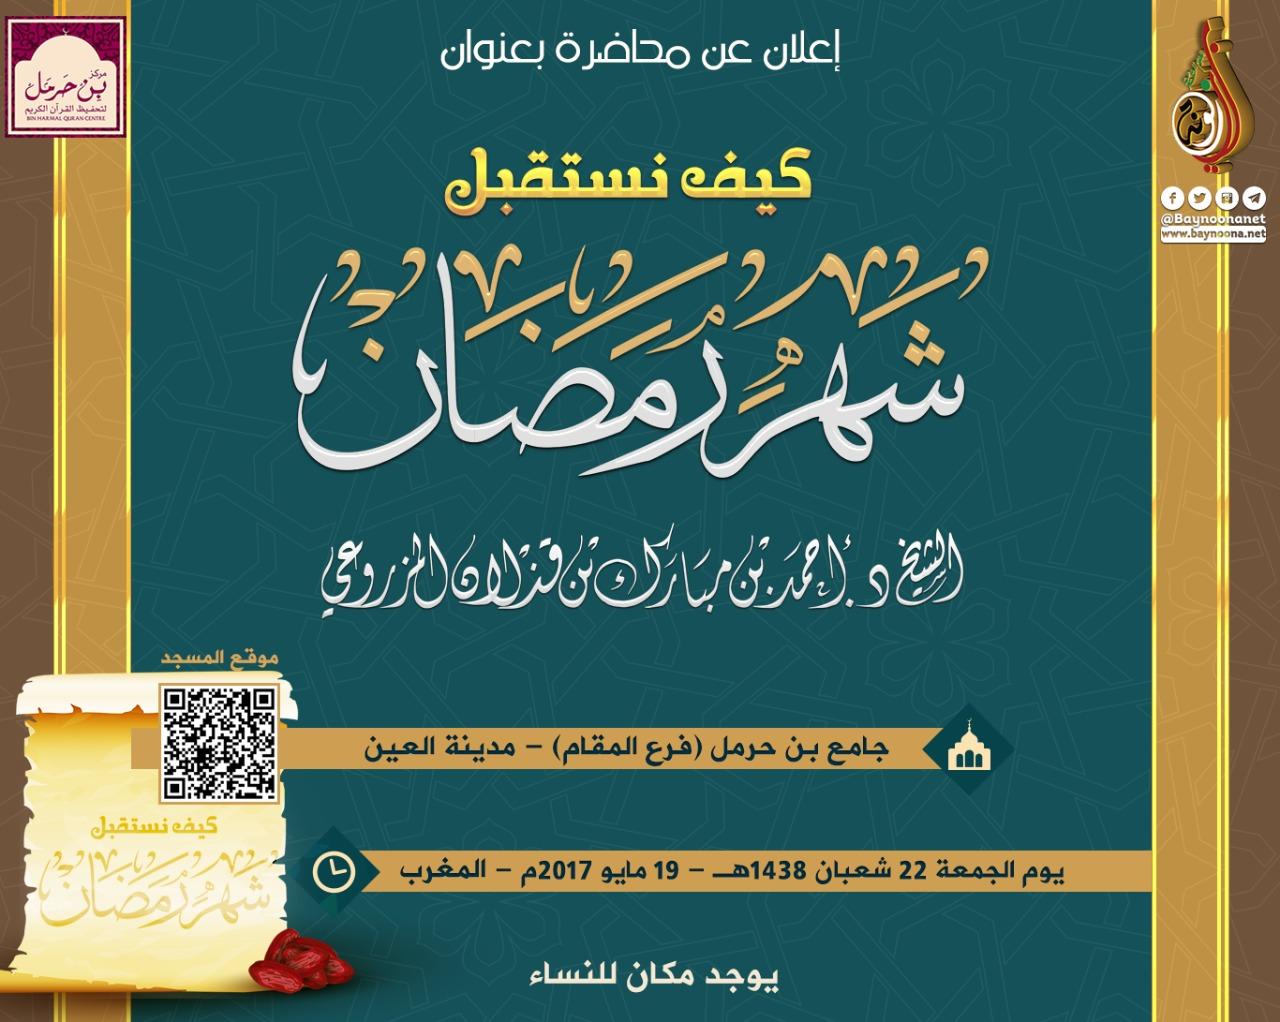 محاضرة بعنوان كيف نستقبل شهر رمضان شبكة بينونة للعلوم الشرعية